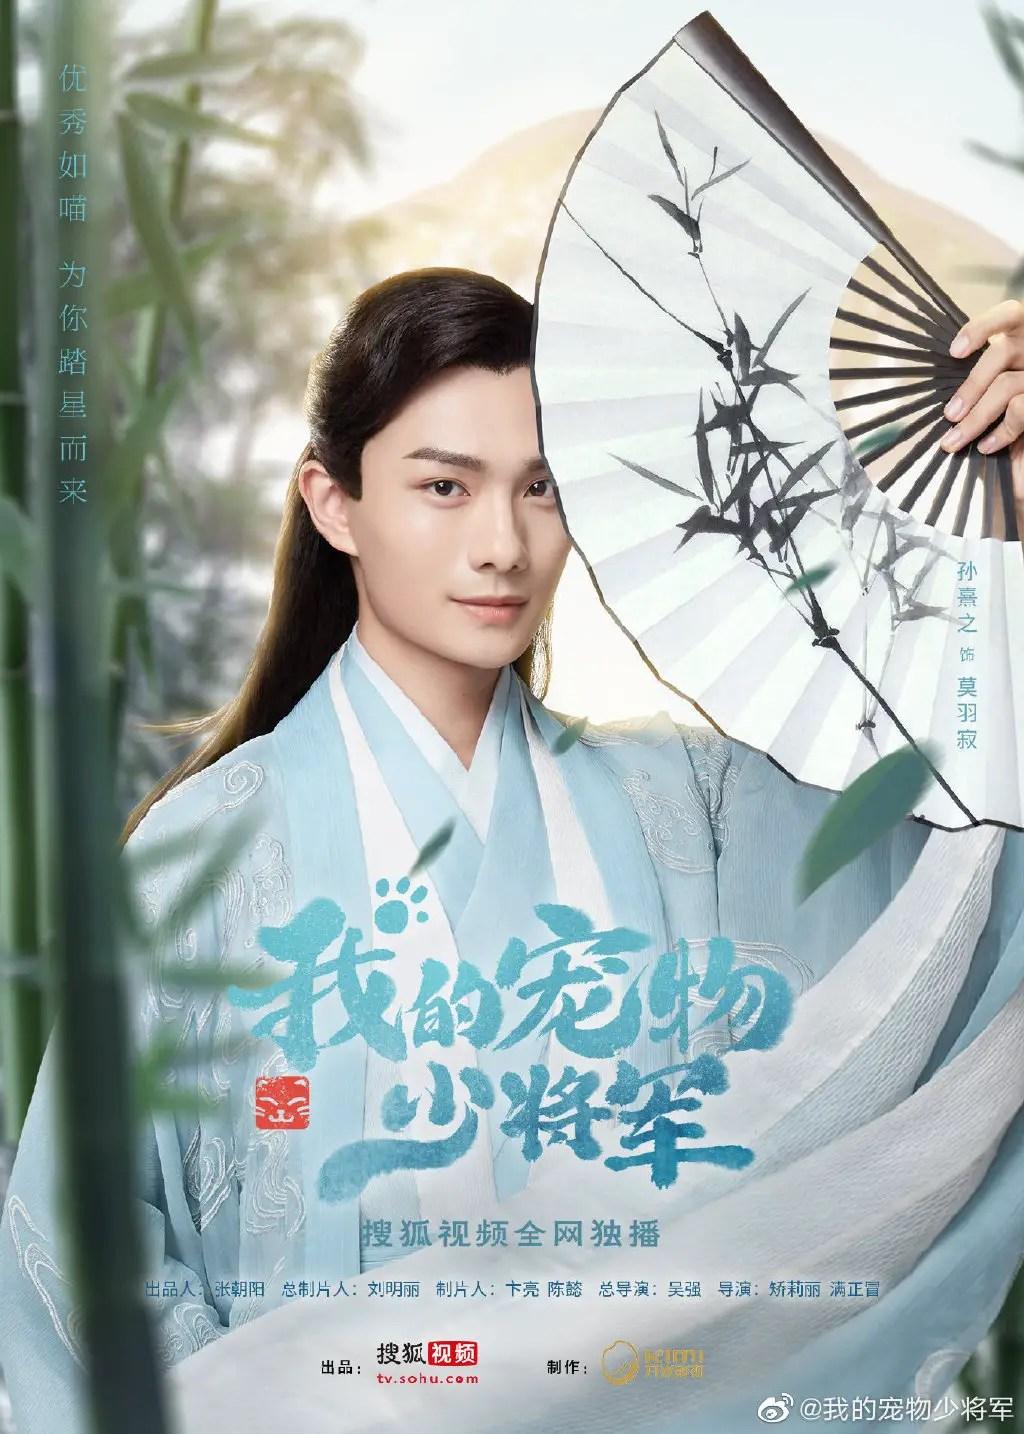 Sun Xi Zhi